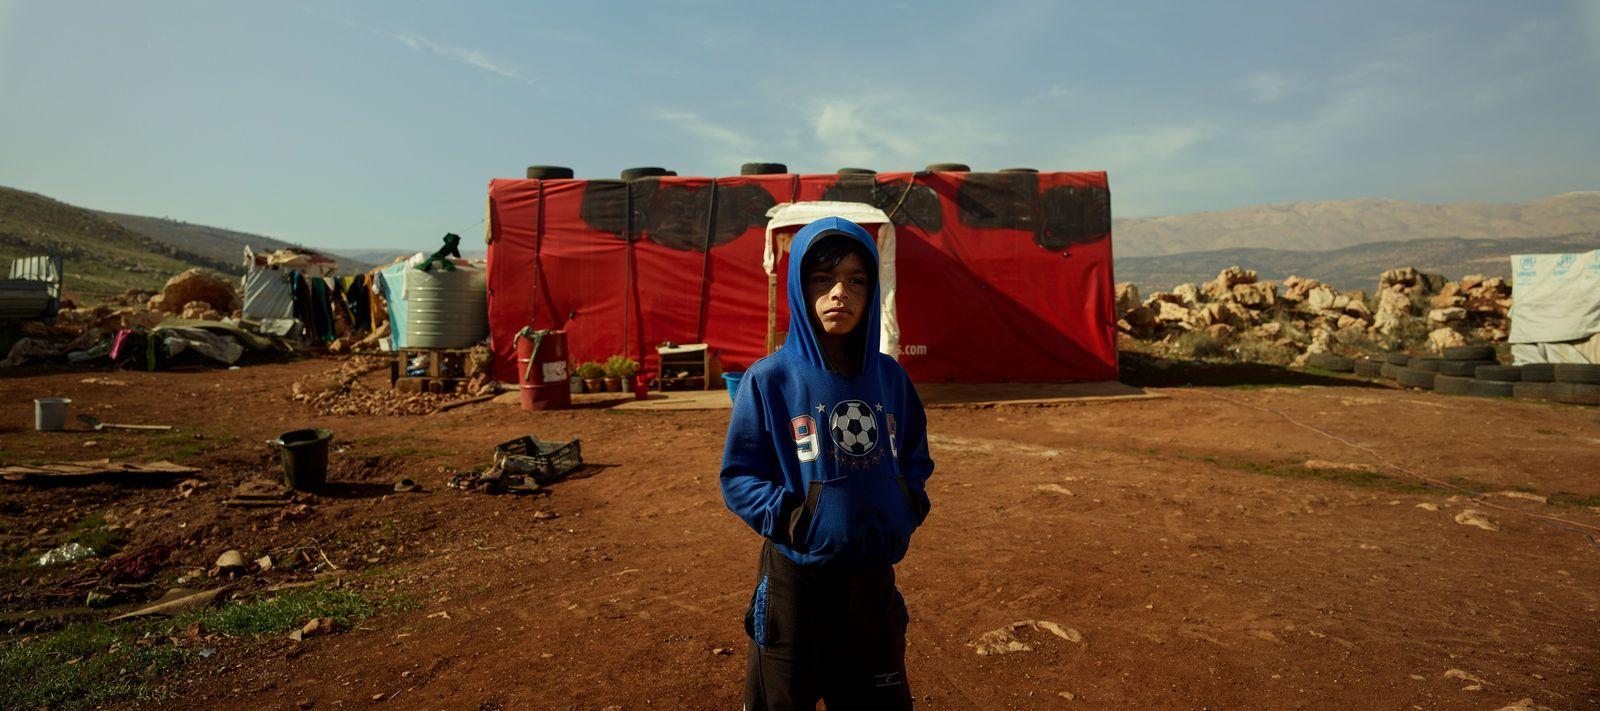 Dans le camps de réfugié.e.s où il habite, non loin de la frontière syrienne, Nadim partage ...